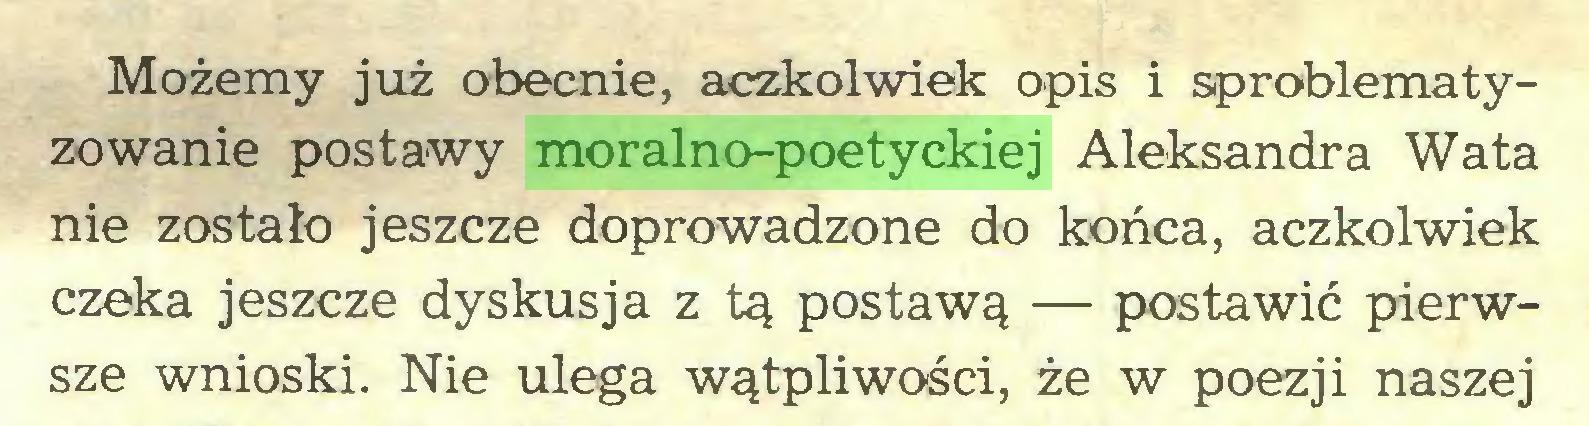 (...) Możemy już obecnie, aczkolwiek opis i sproblematyzowanie postawy moralno-poetyckiej Aleksandra Wata nie zostało jeszcze doprowadzone do końca, aczkolwiek czeka jeszcze dyskusja z tą postawą — postawić pierwsze wnioski. Nie ulega wątpliwości, że w poezji naszej...